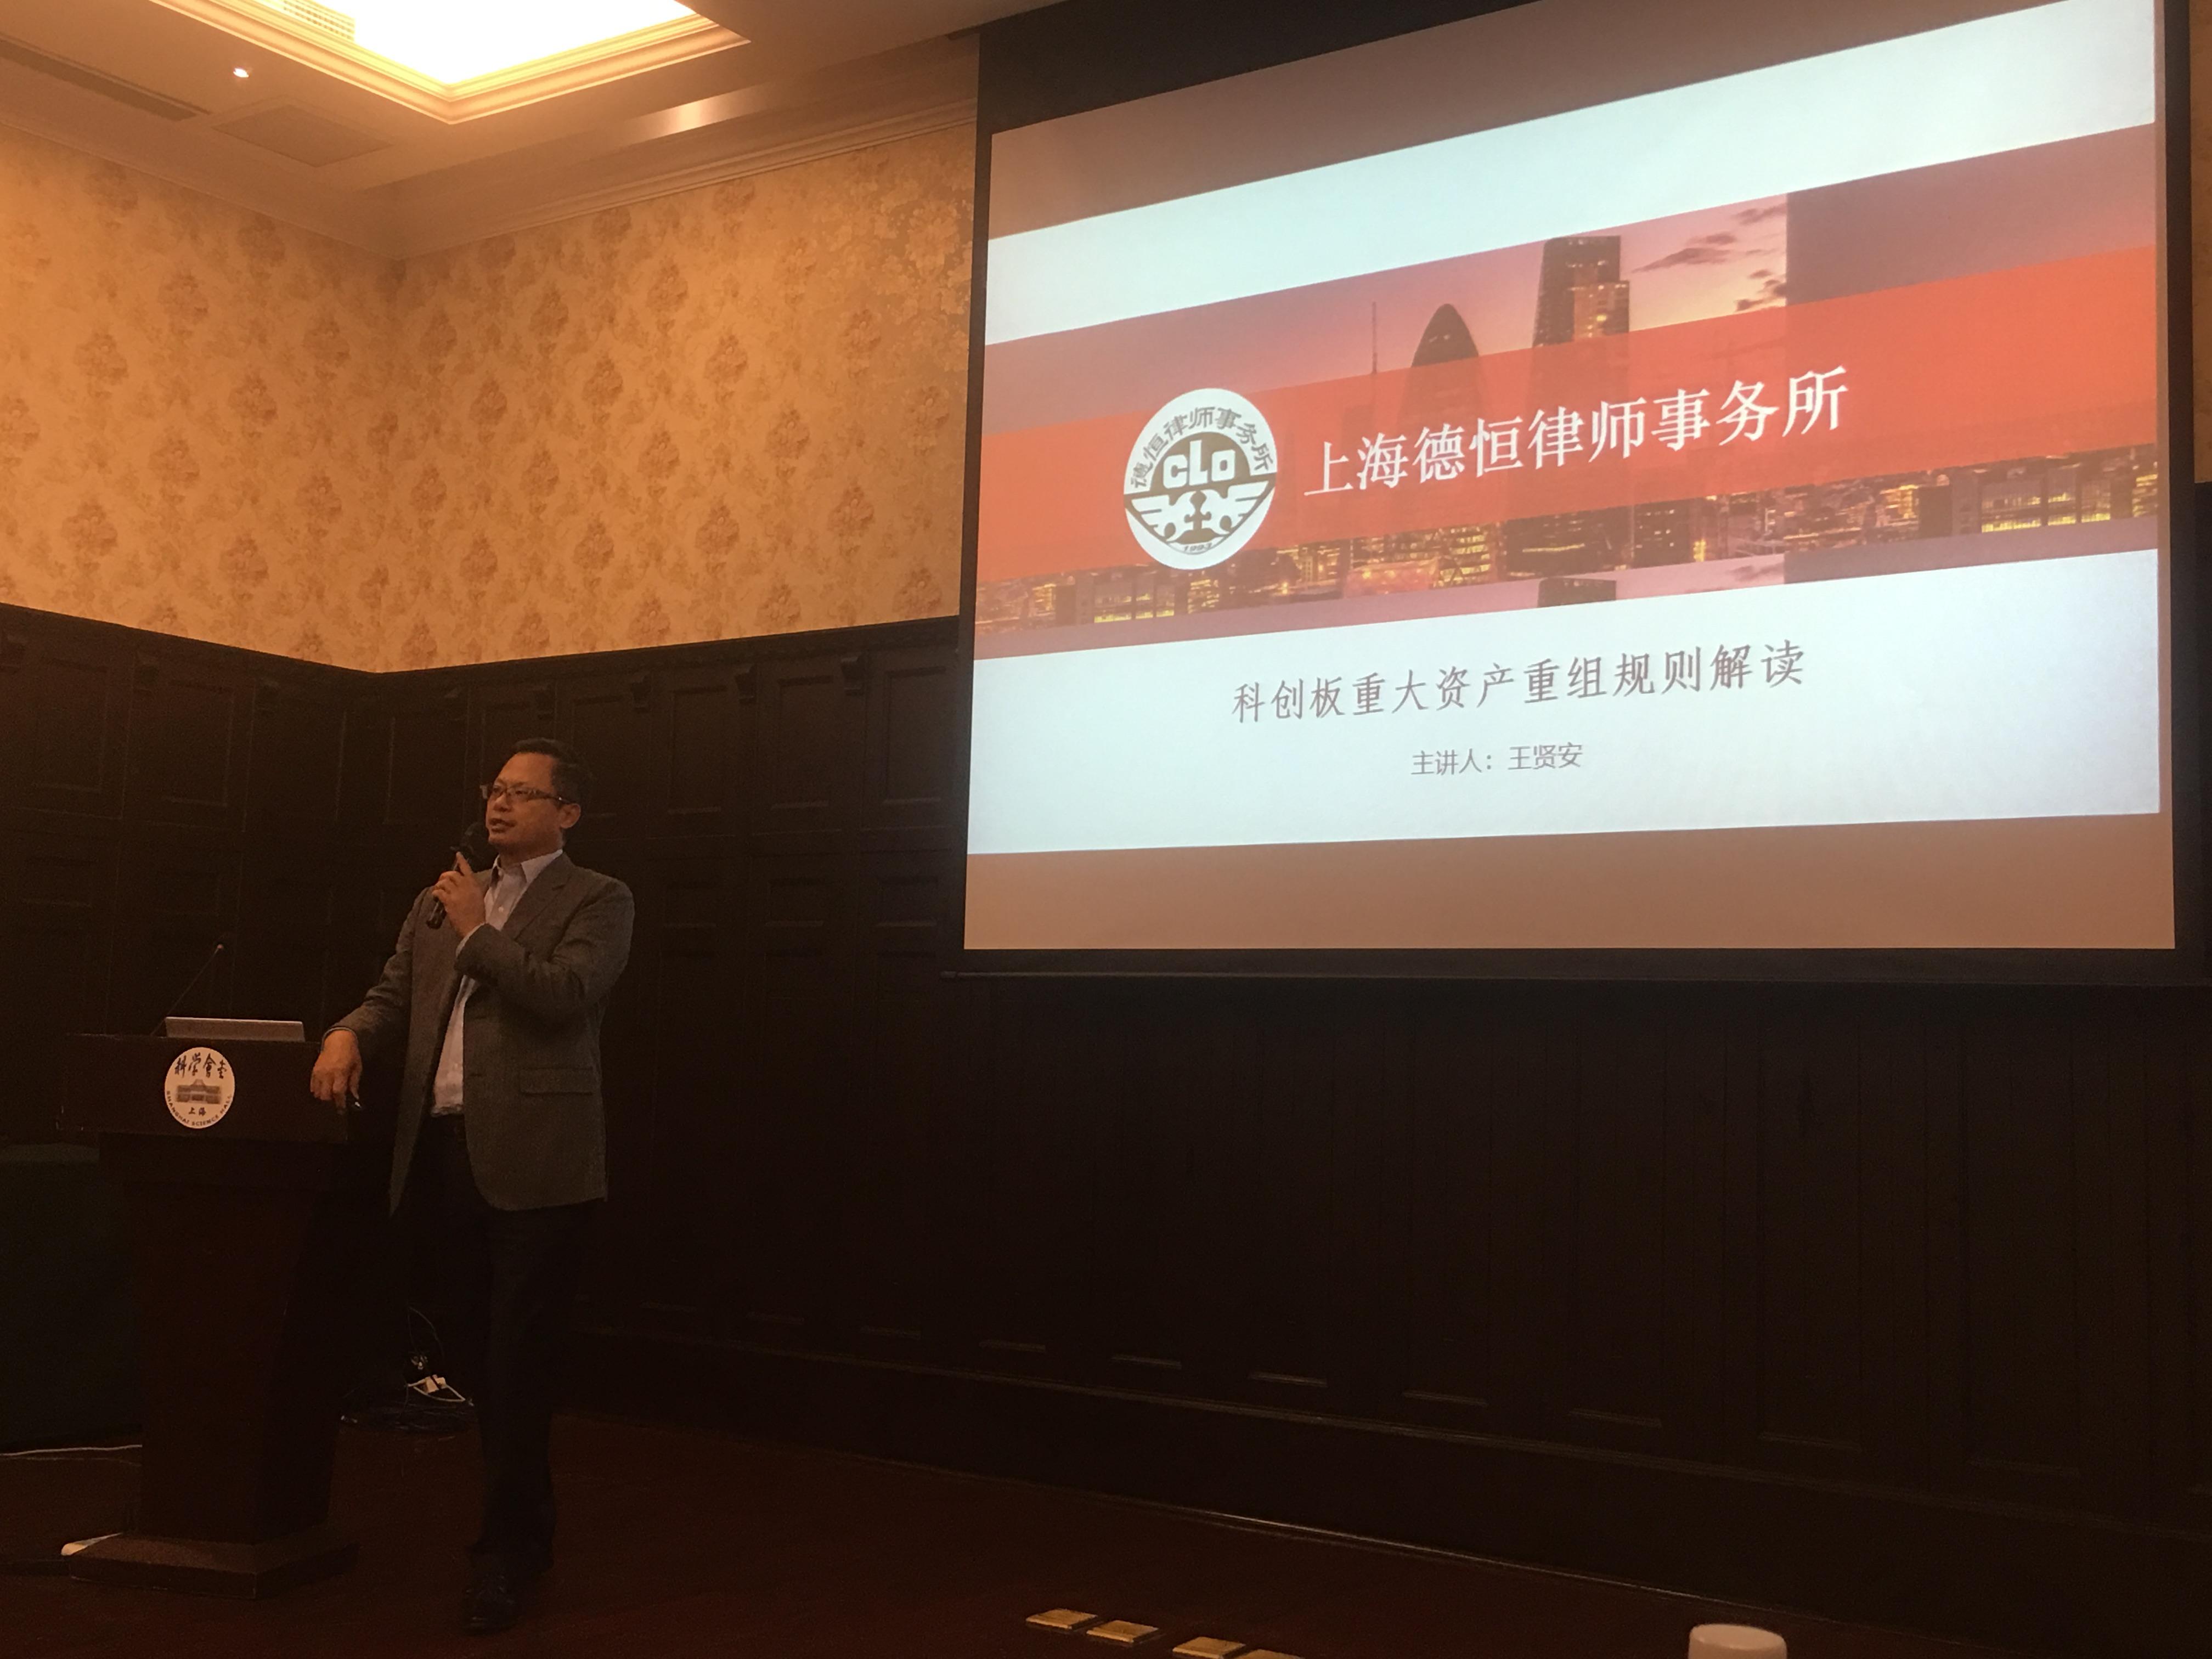 德恒王贤安:包容与创新,科创板资产重组规定力促市场生态优化  _并购